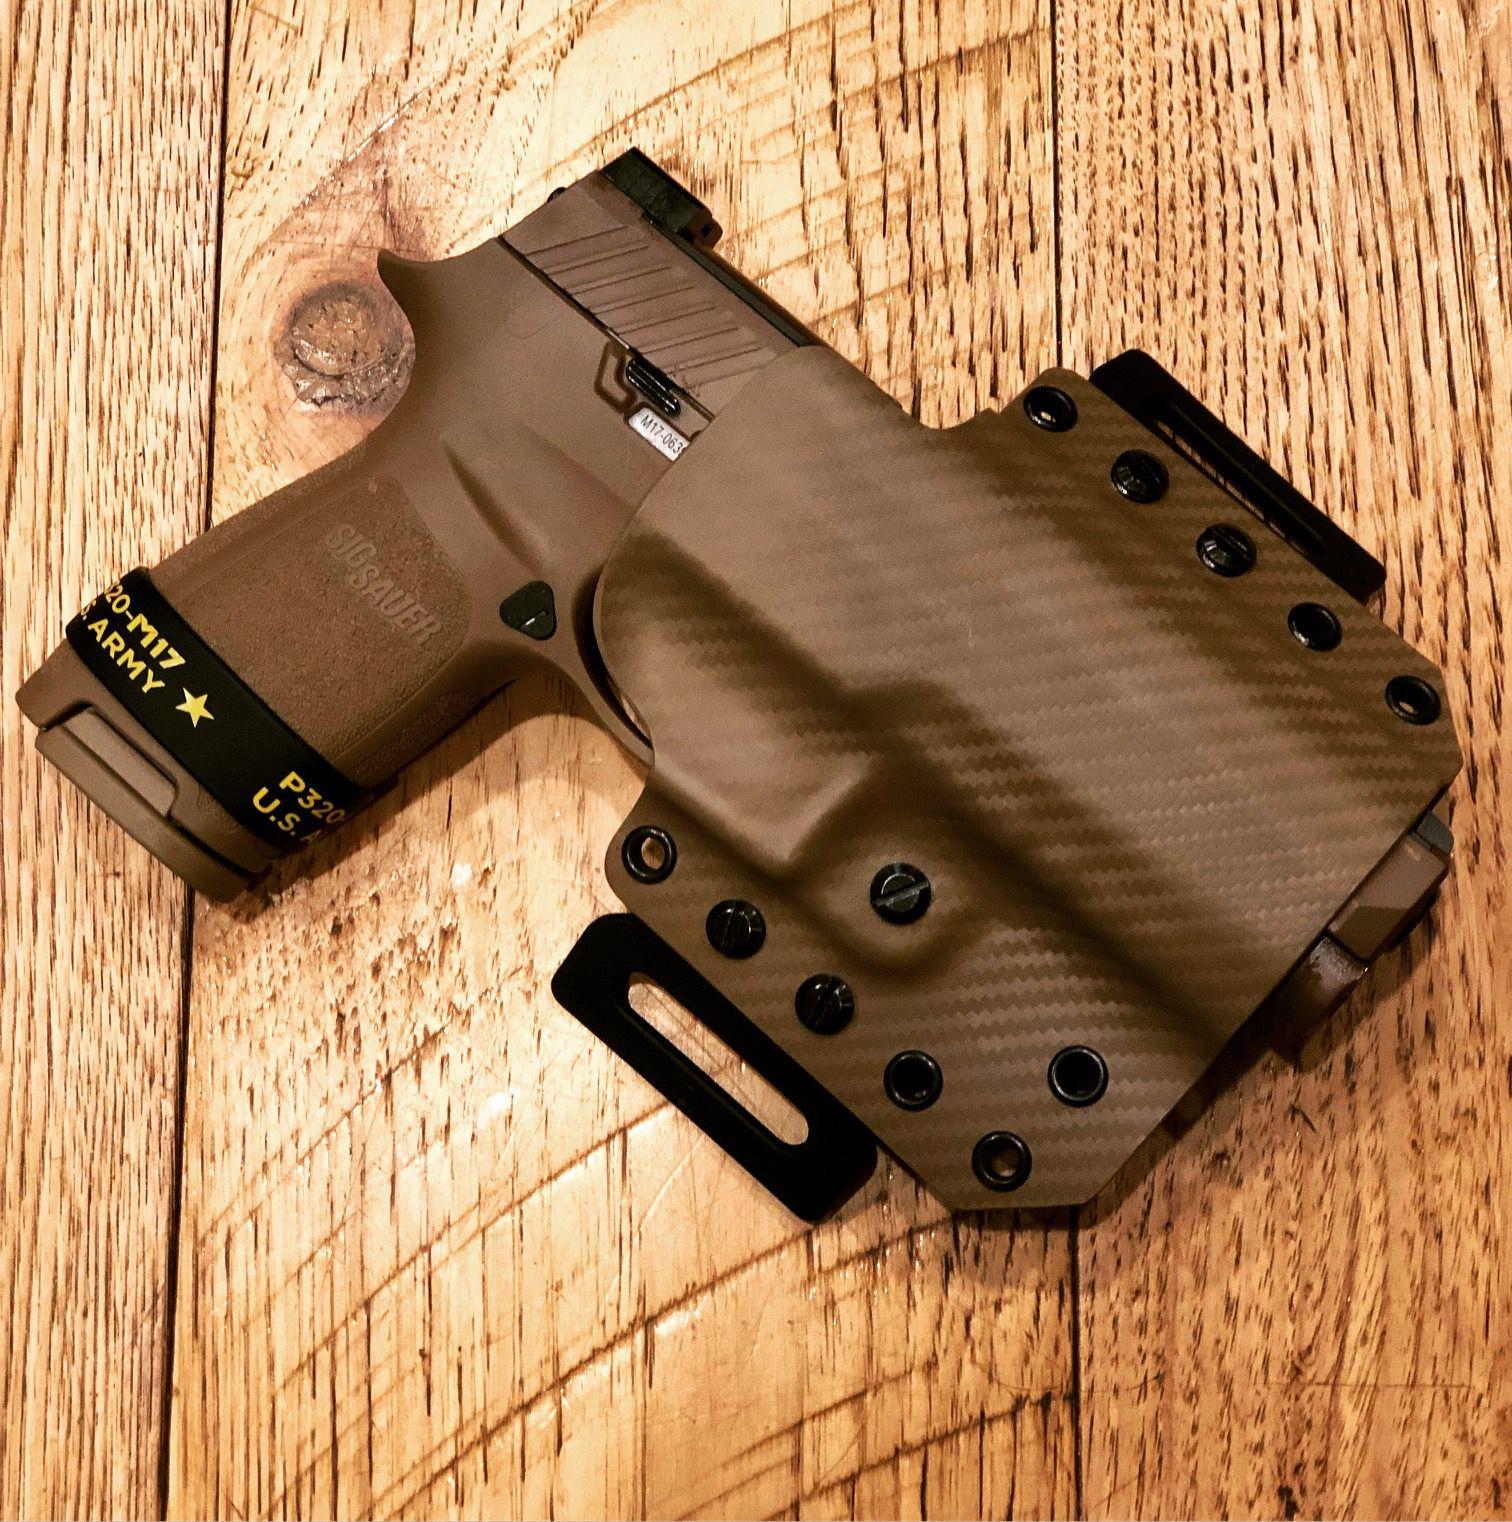 SIG We The People OWB Color Kydex Gun Holsters